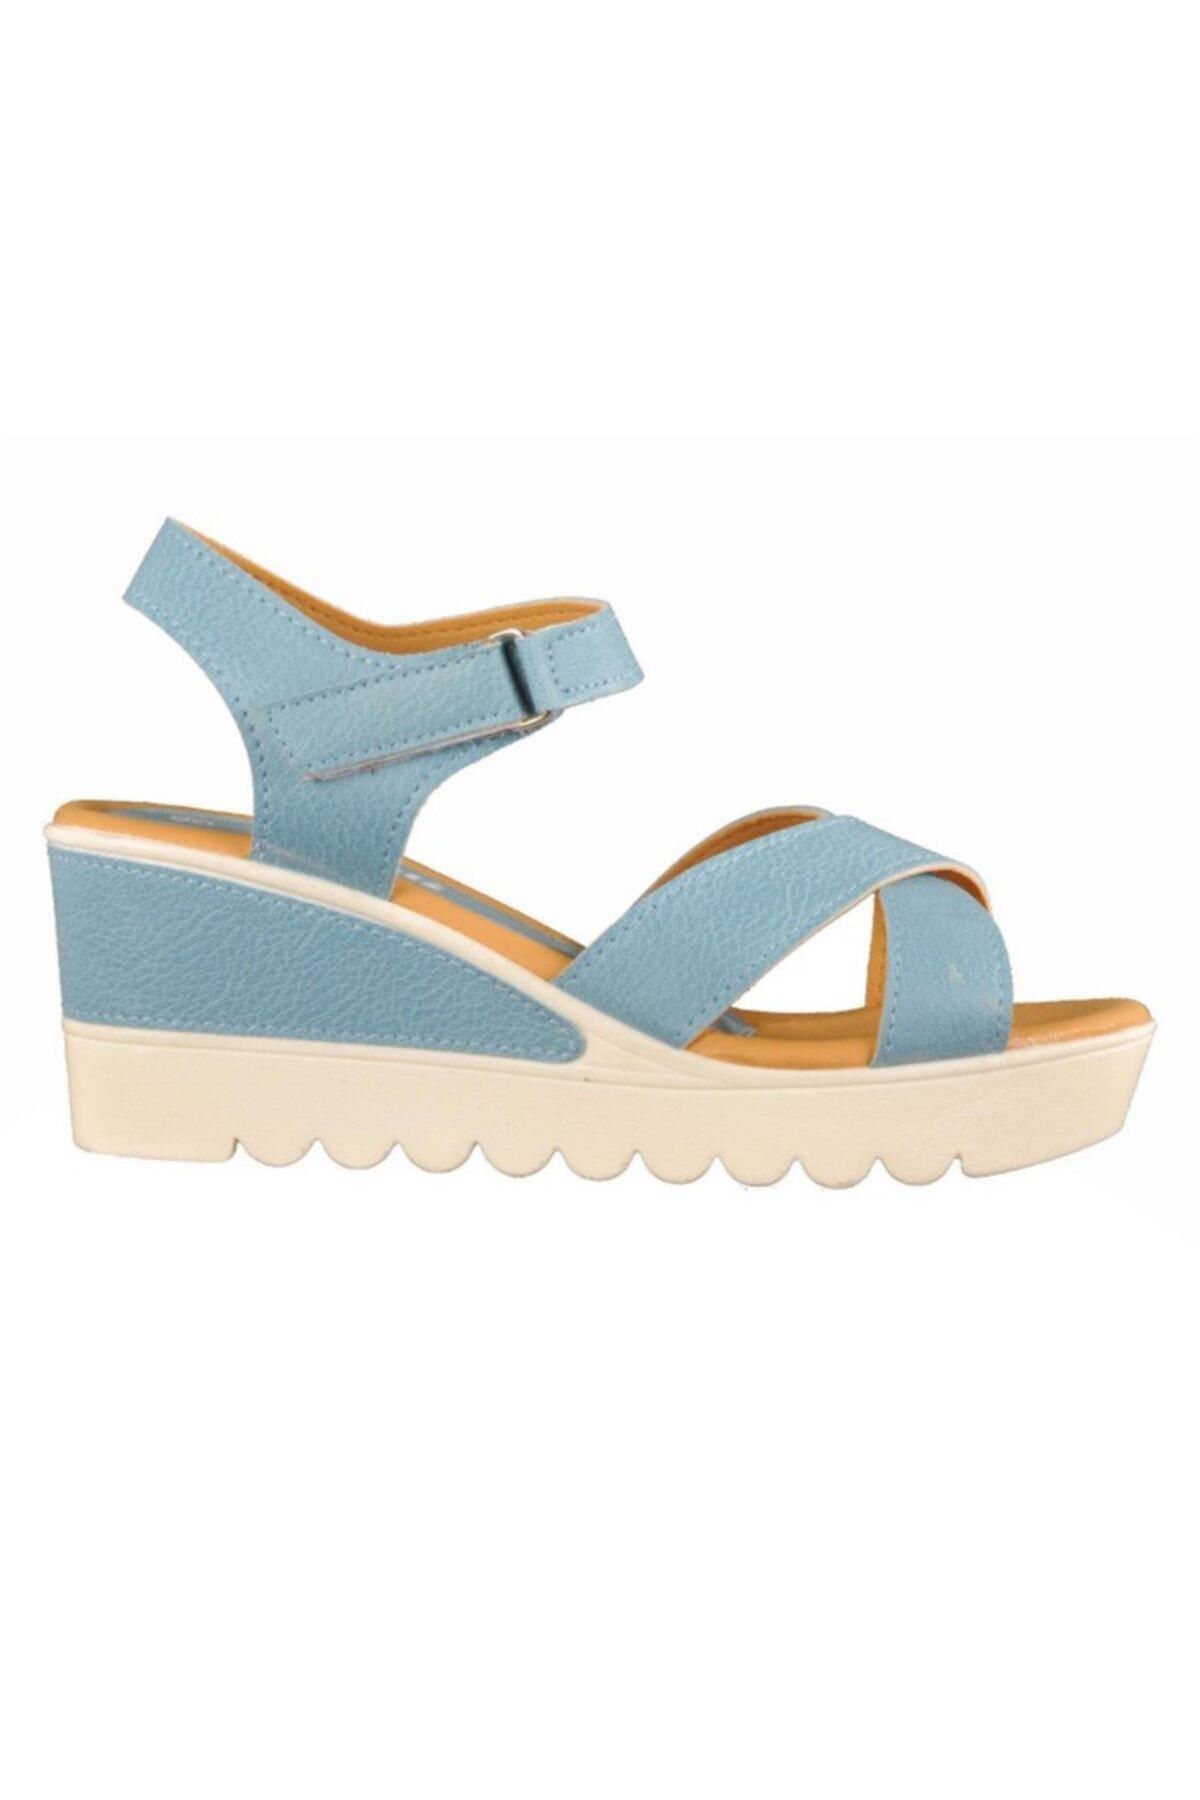 Polaris 91.308569.Z Mavi Kadın Sandalet 100376388 1